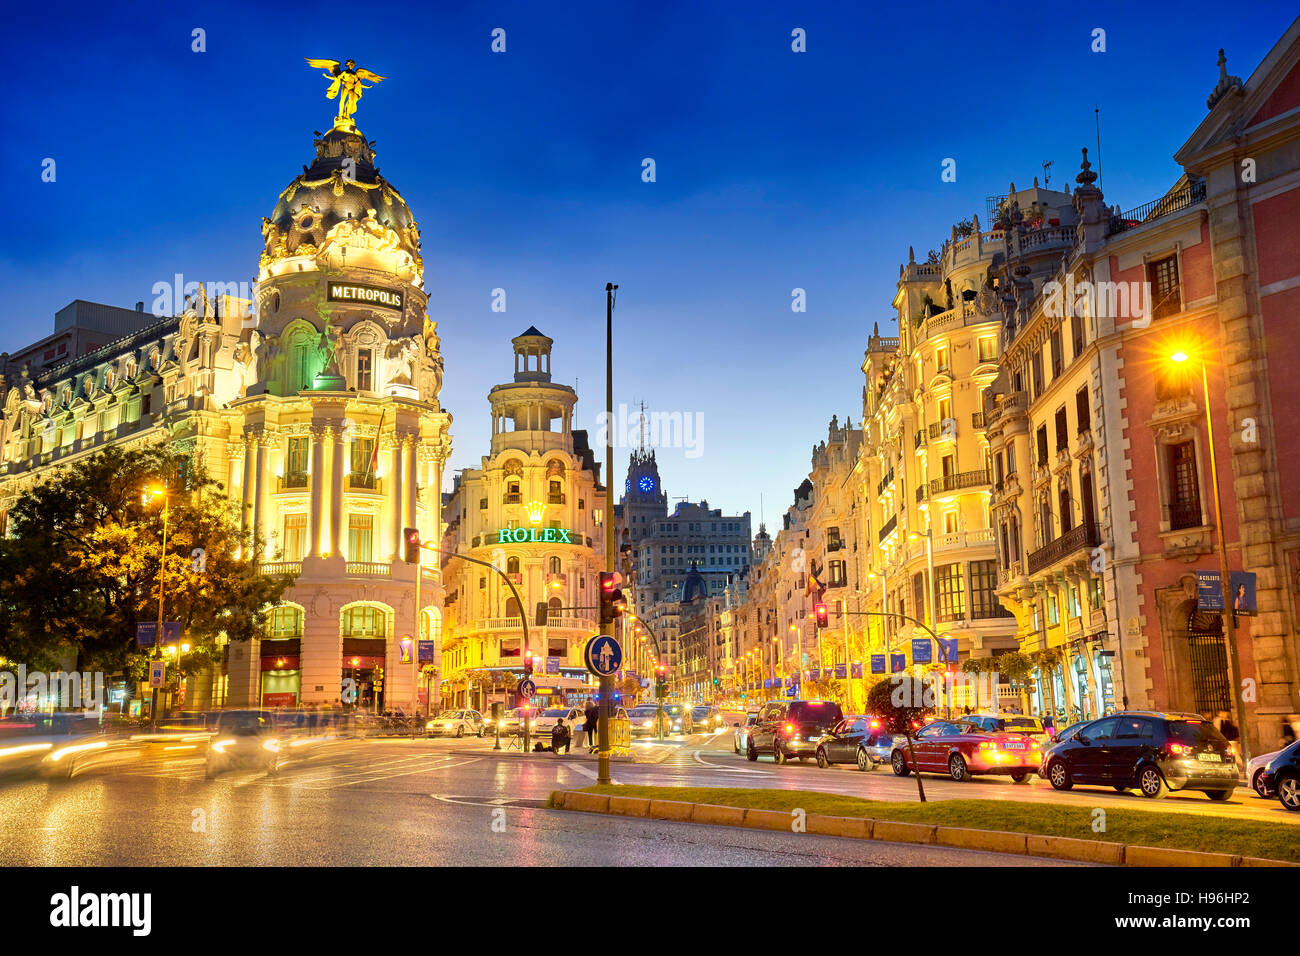 Edificio metrópolis al atardecer, Gran Via, Madrid, España Imagen De Stock